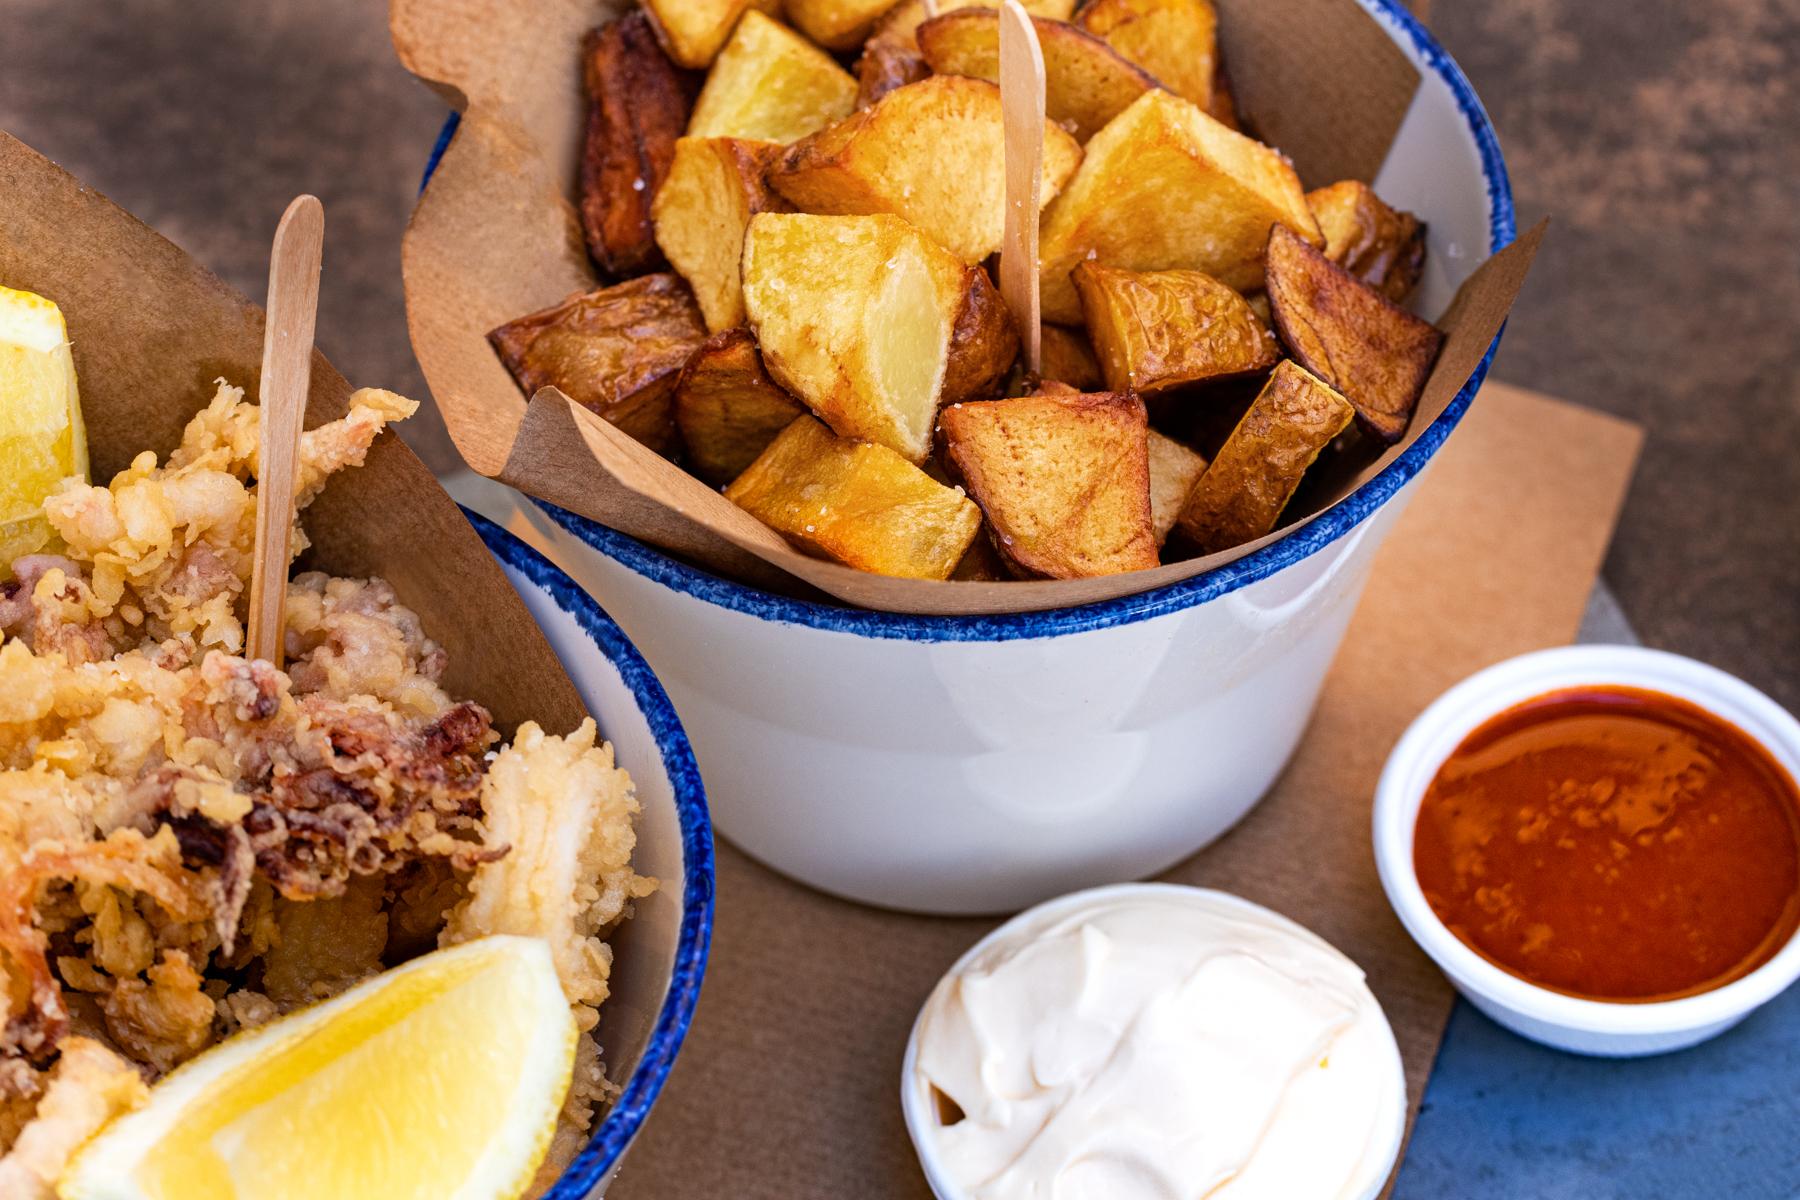 cinc food parlour fried calamari and chips